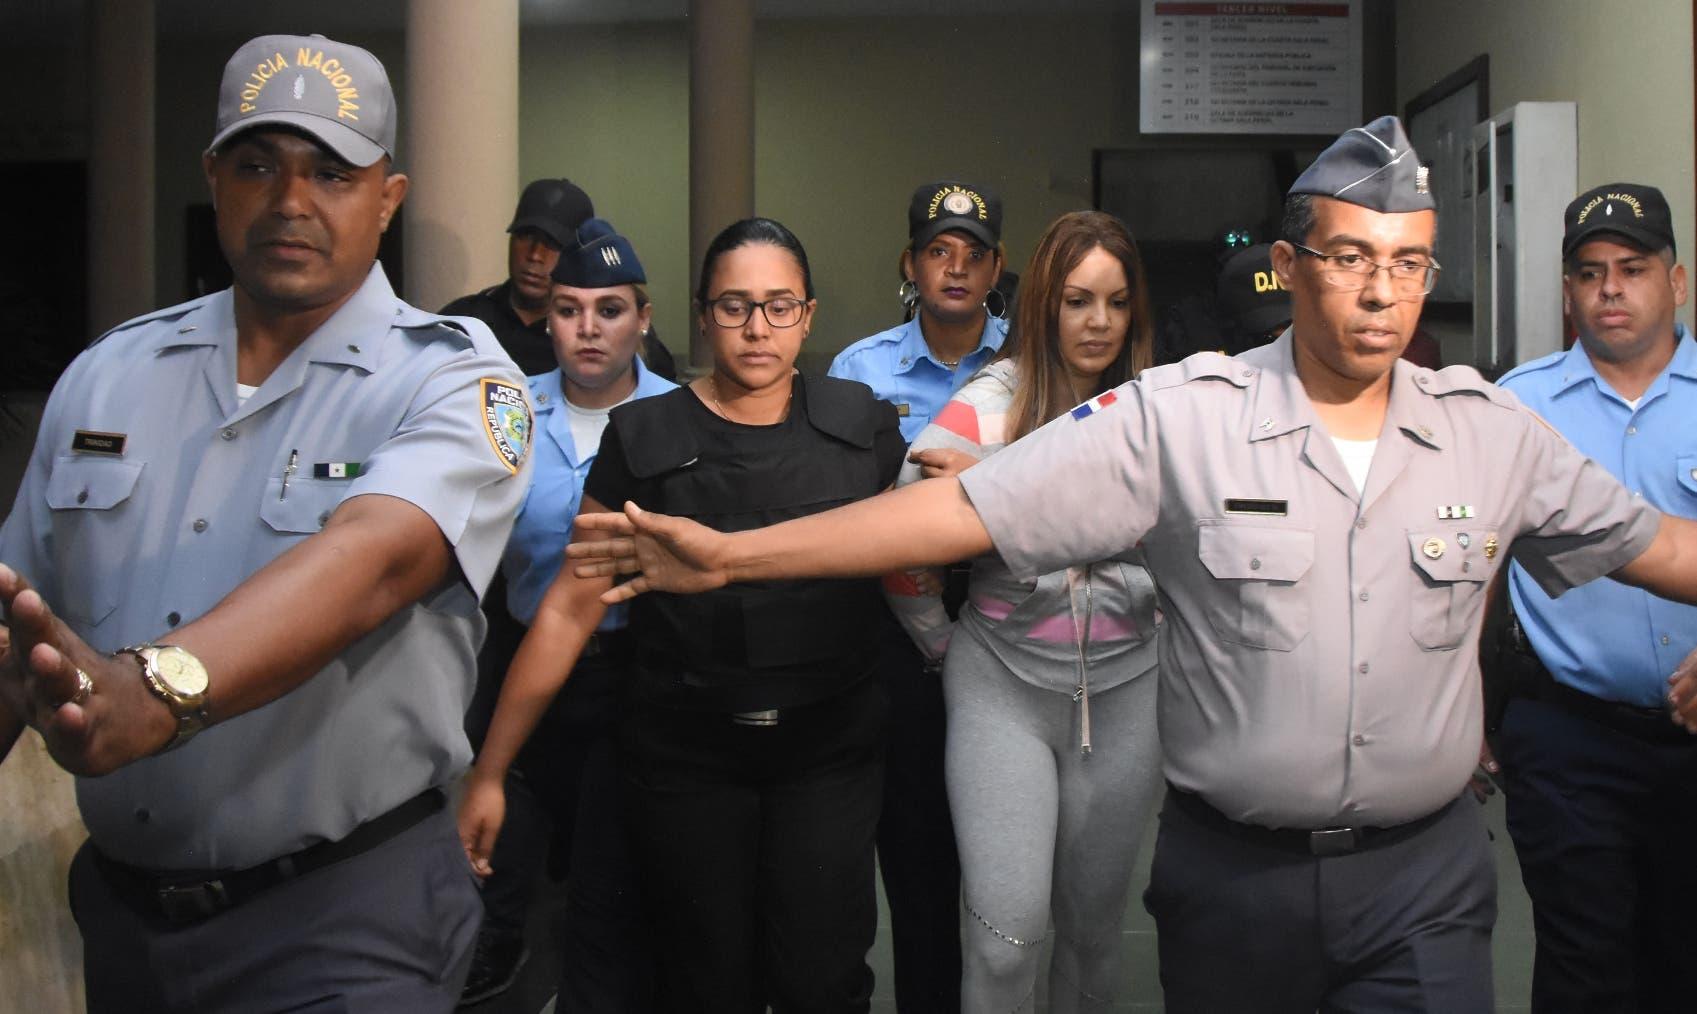 Momento  cuando autoridades trasladaban   a   Marisol Franco, mujer  de  César Emilio Peralta (César el Abusador) .  Alberto Calvo